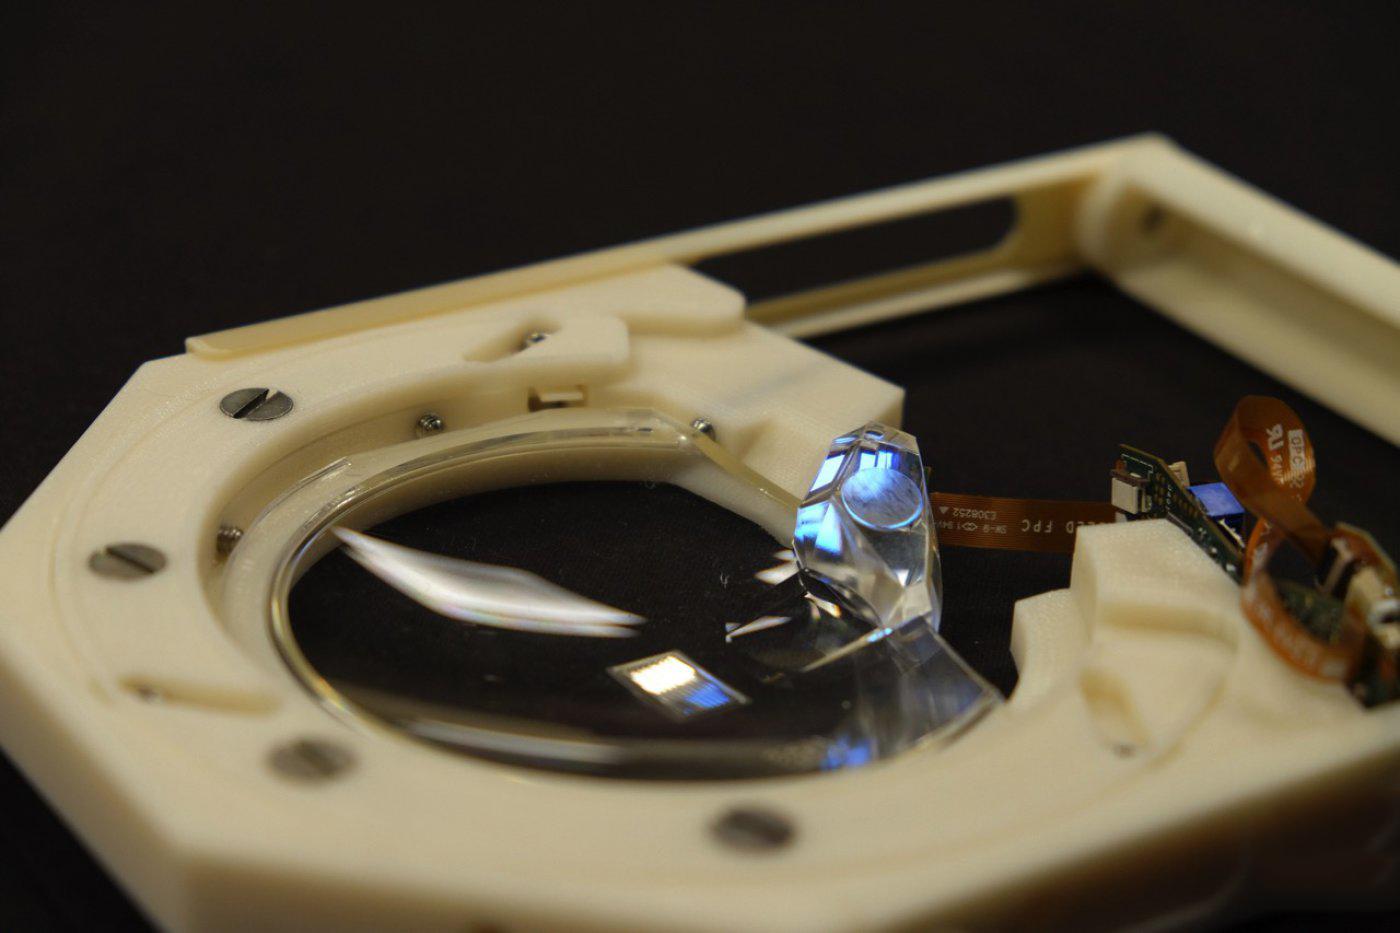 这款 Carl Zeiss 智慧眼镜「看起来」真的自然多了